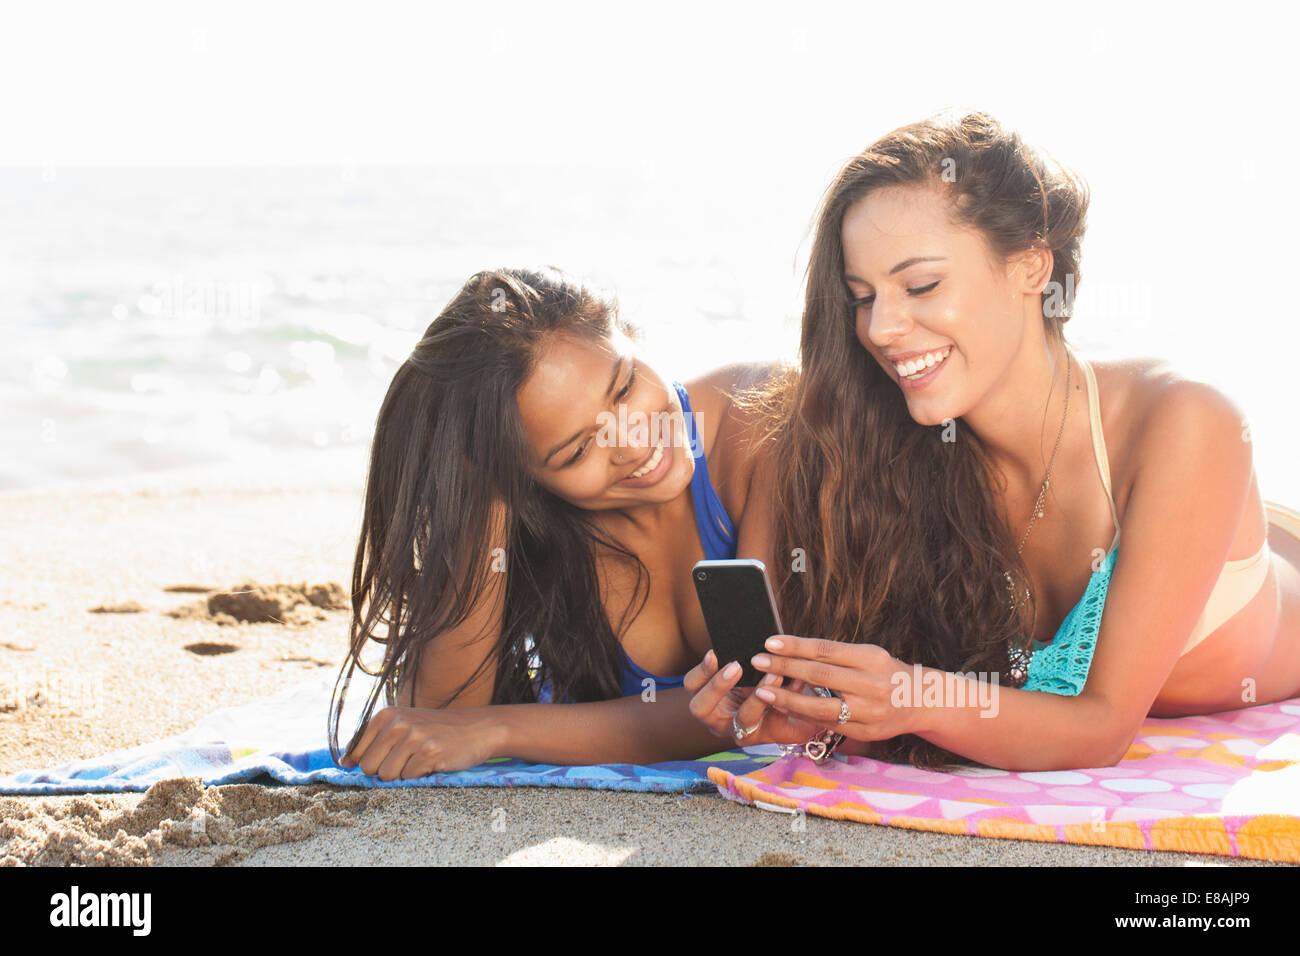 Zwei junge Frauen, Sonnenbaden und Blick auf Smartphone am Strand von Malibu, Kalifornien, USA Stockbild